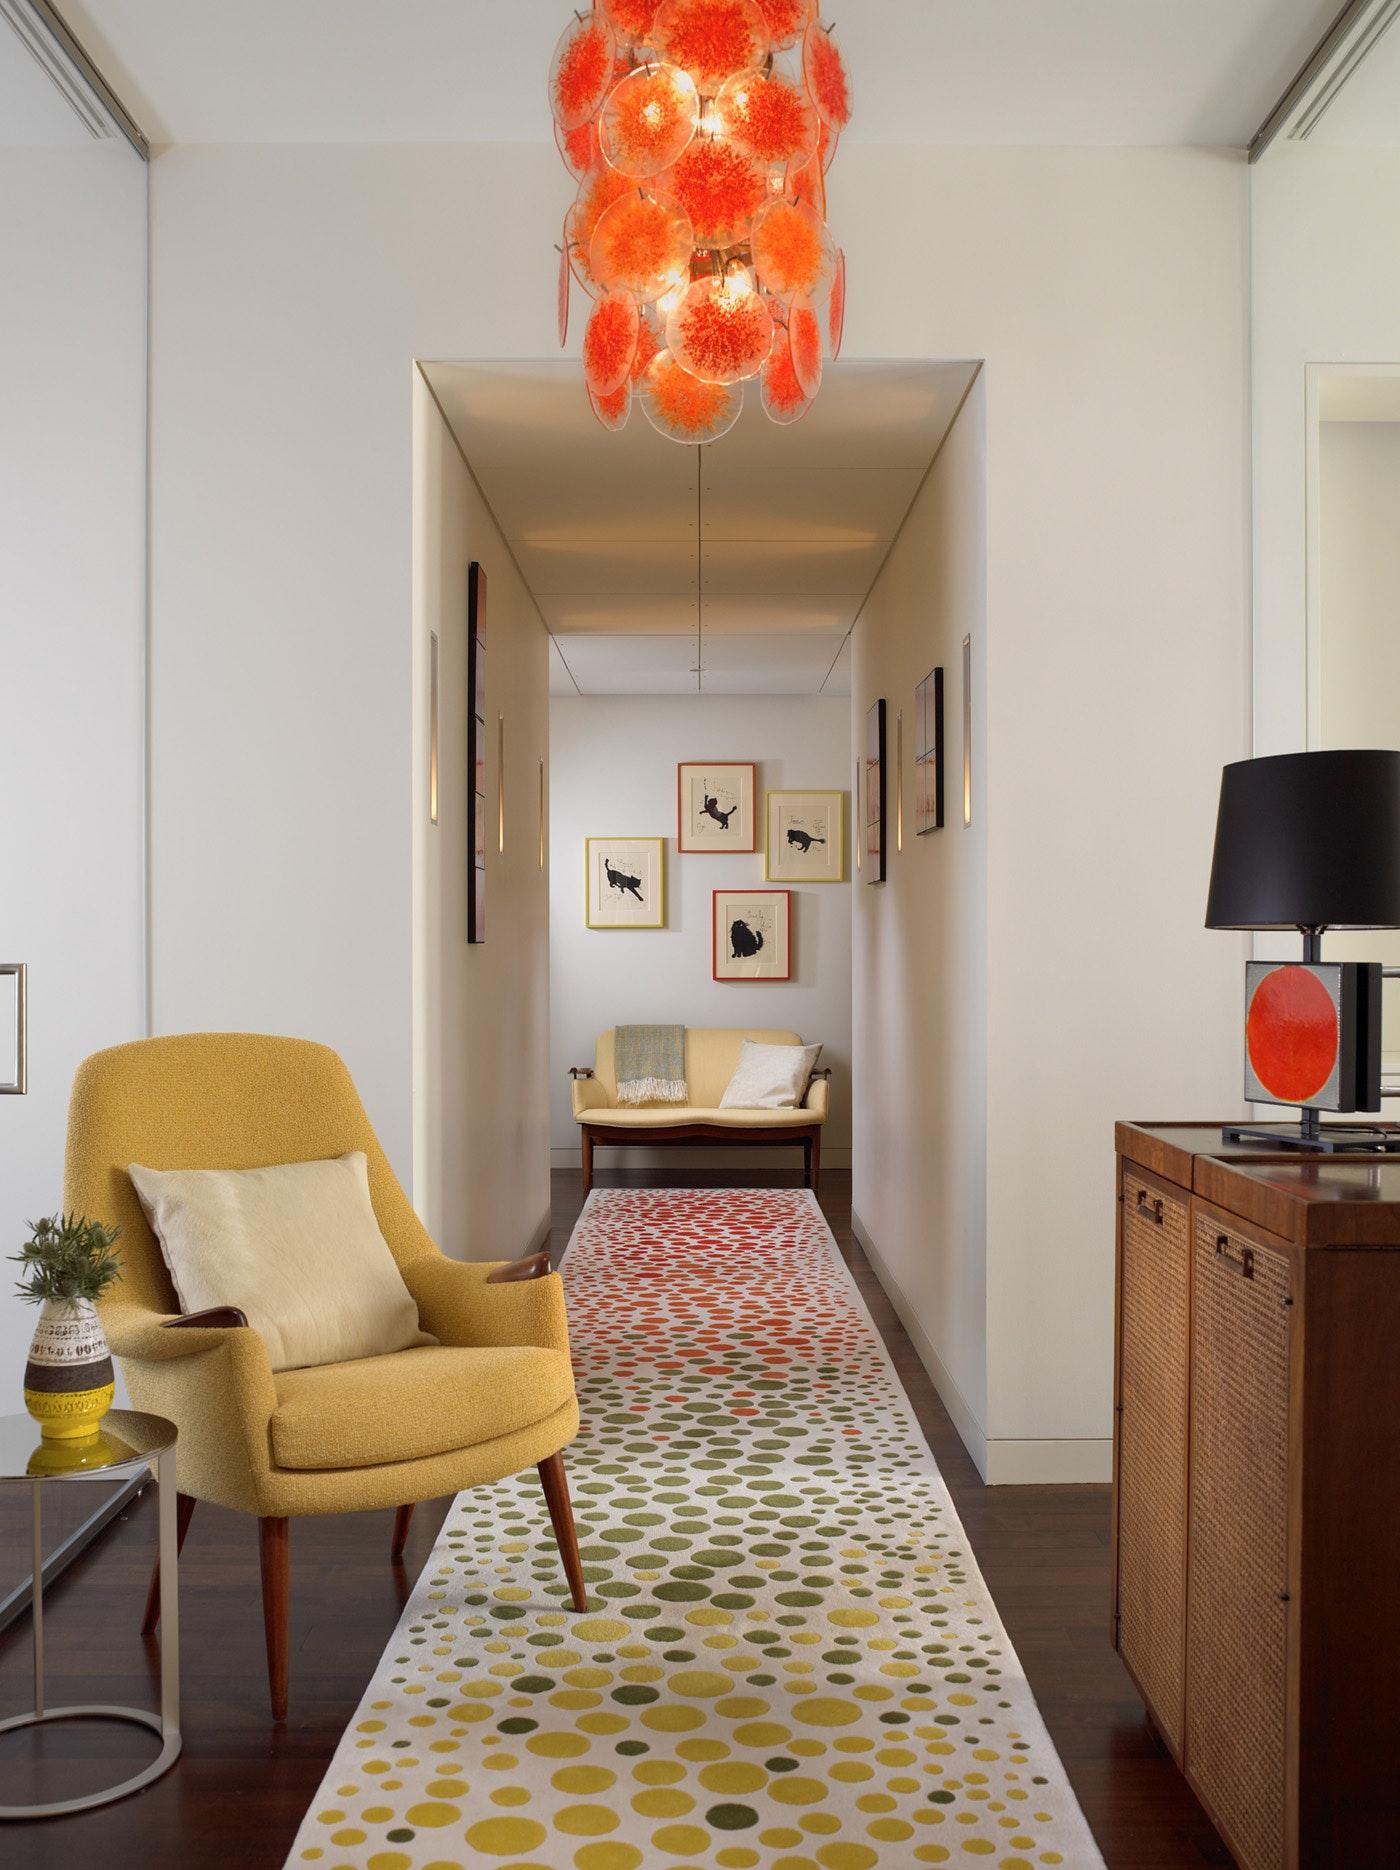 Những bộ đèn trang trí sắc màu này liệu có khiến ngôi nhà của bạn trở nên rực rỡ - Ảnh 8.